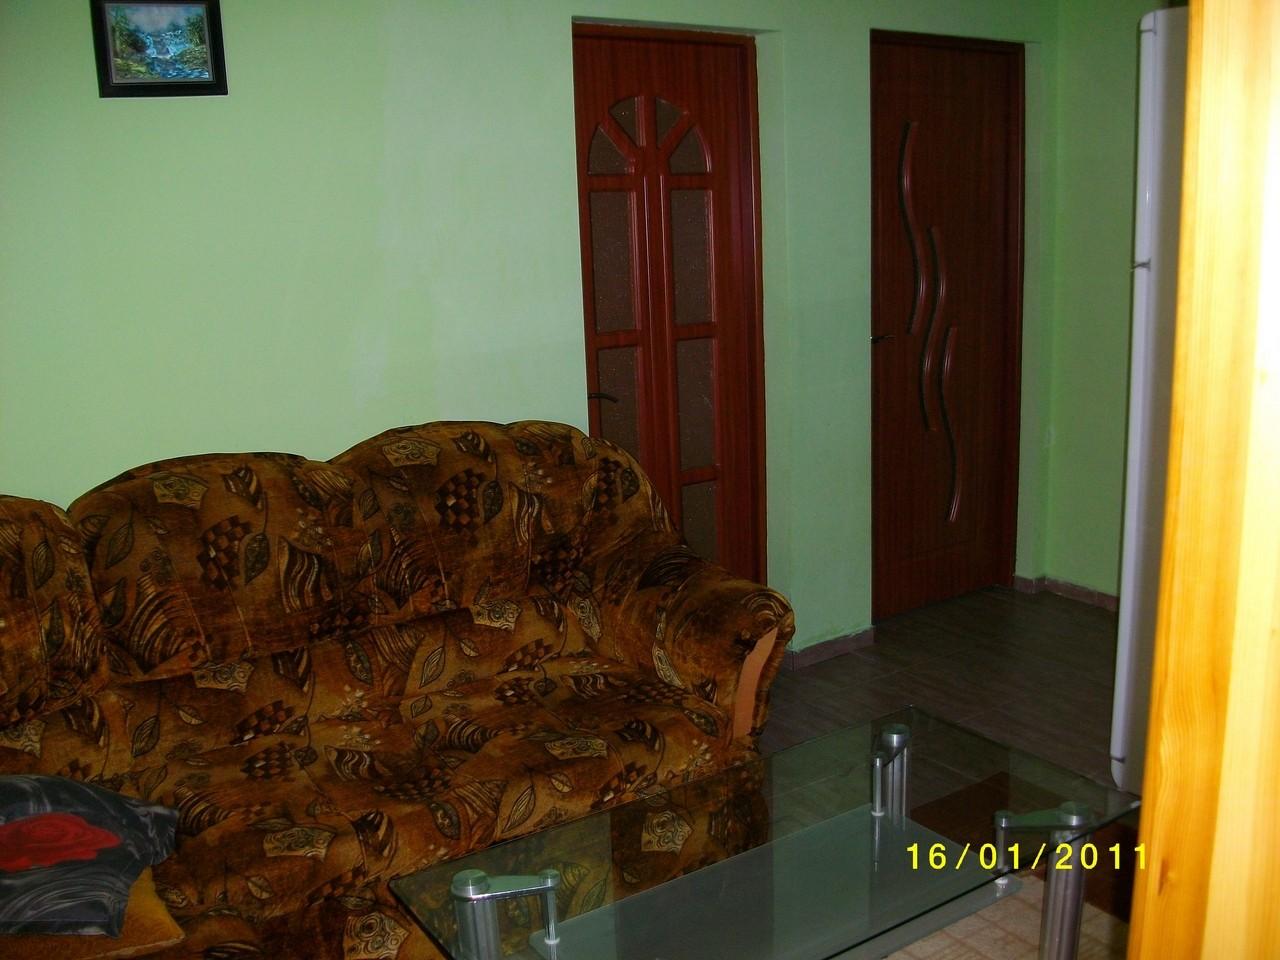 квартира в город русе болгария 4 комнатьи и кухня ,95кв.м, в городе ест русскии консулат ,41500 евро,00359878600910